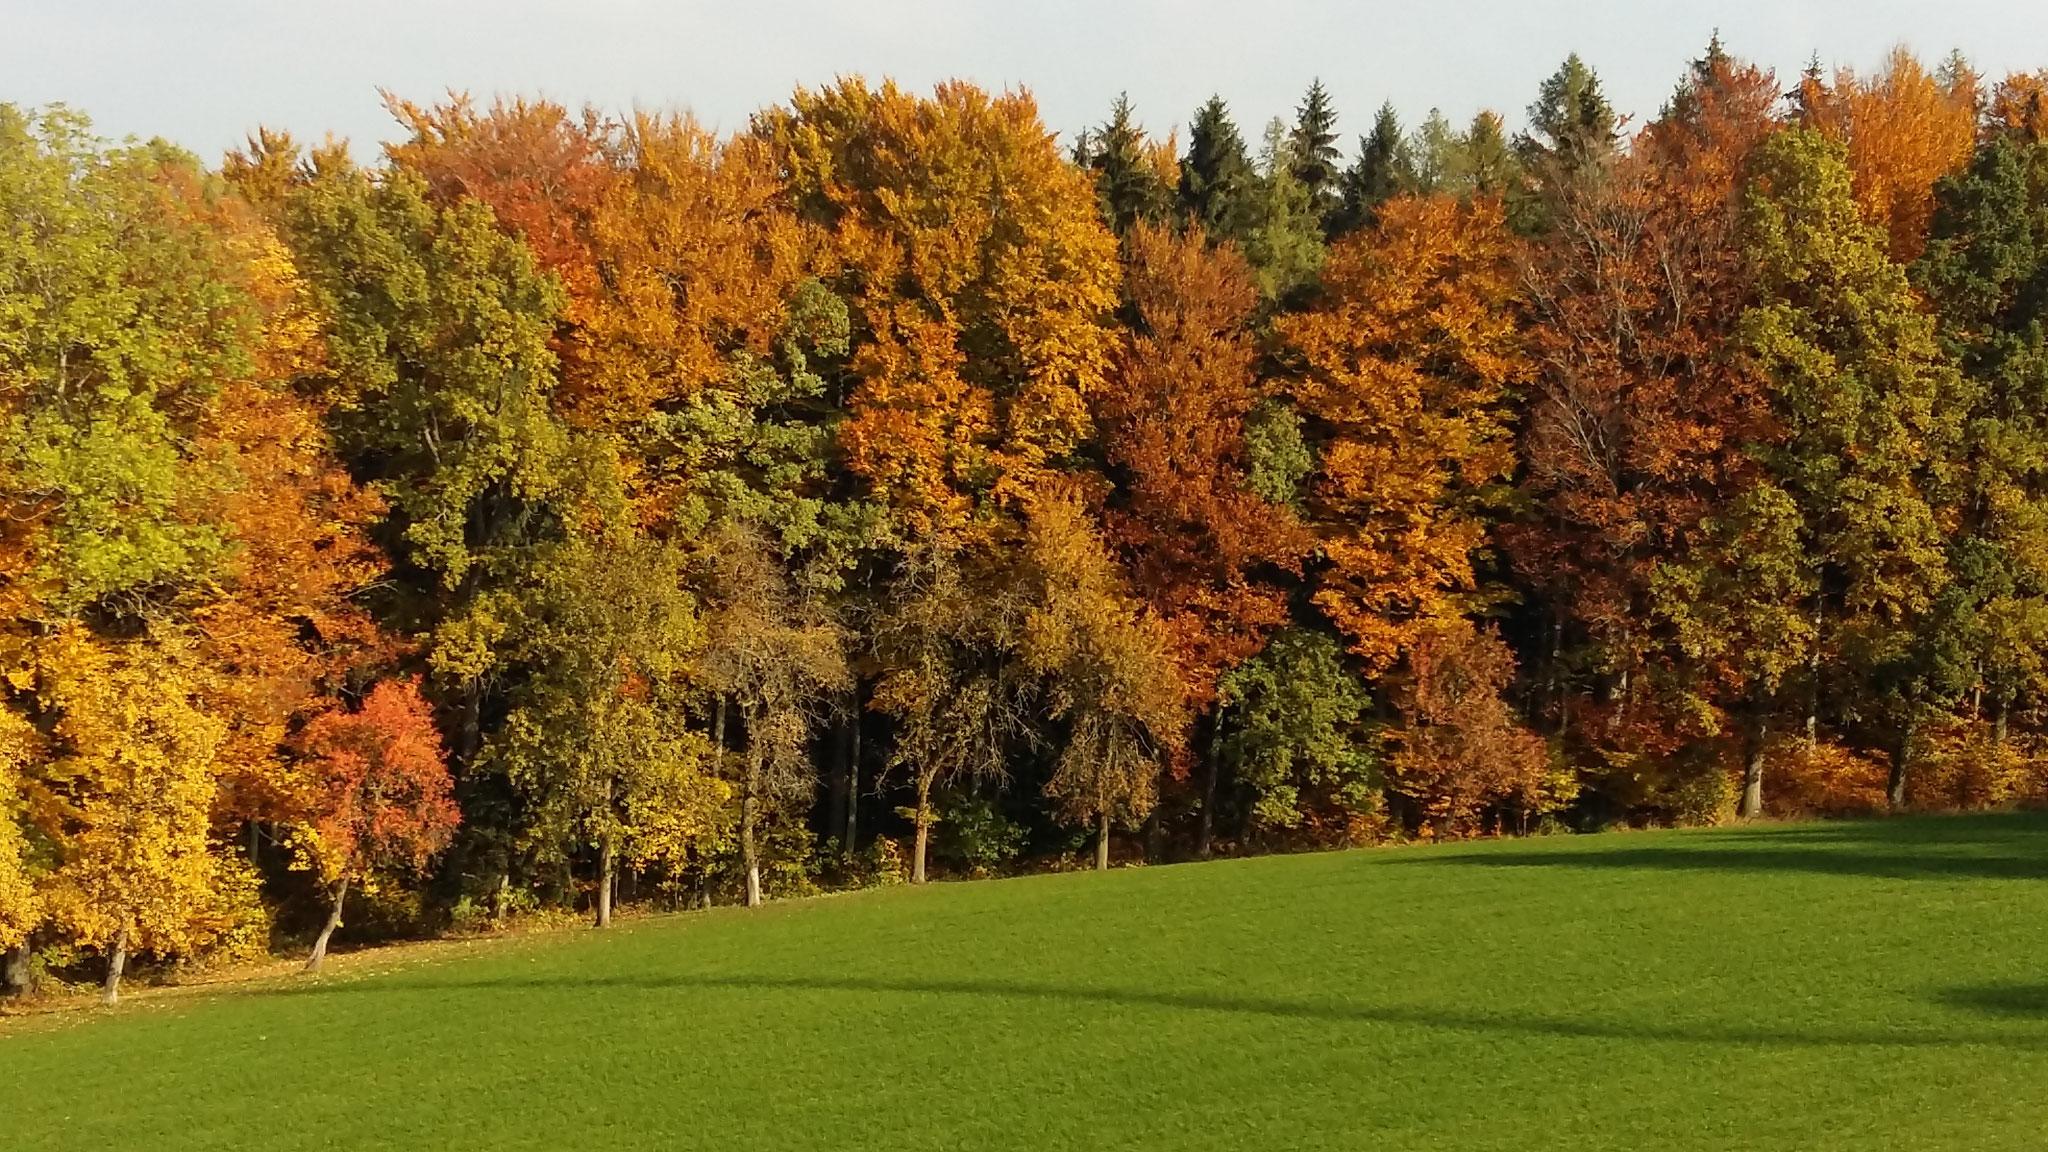 Herbststimmung im angrenzenden Wald